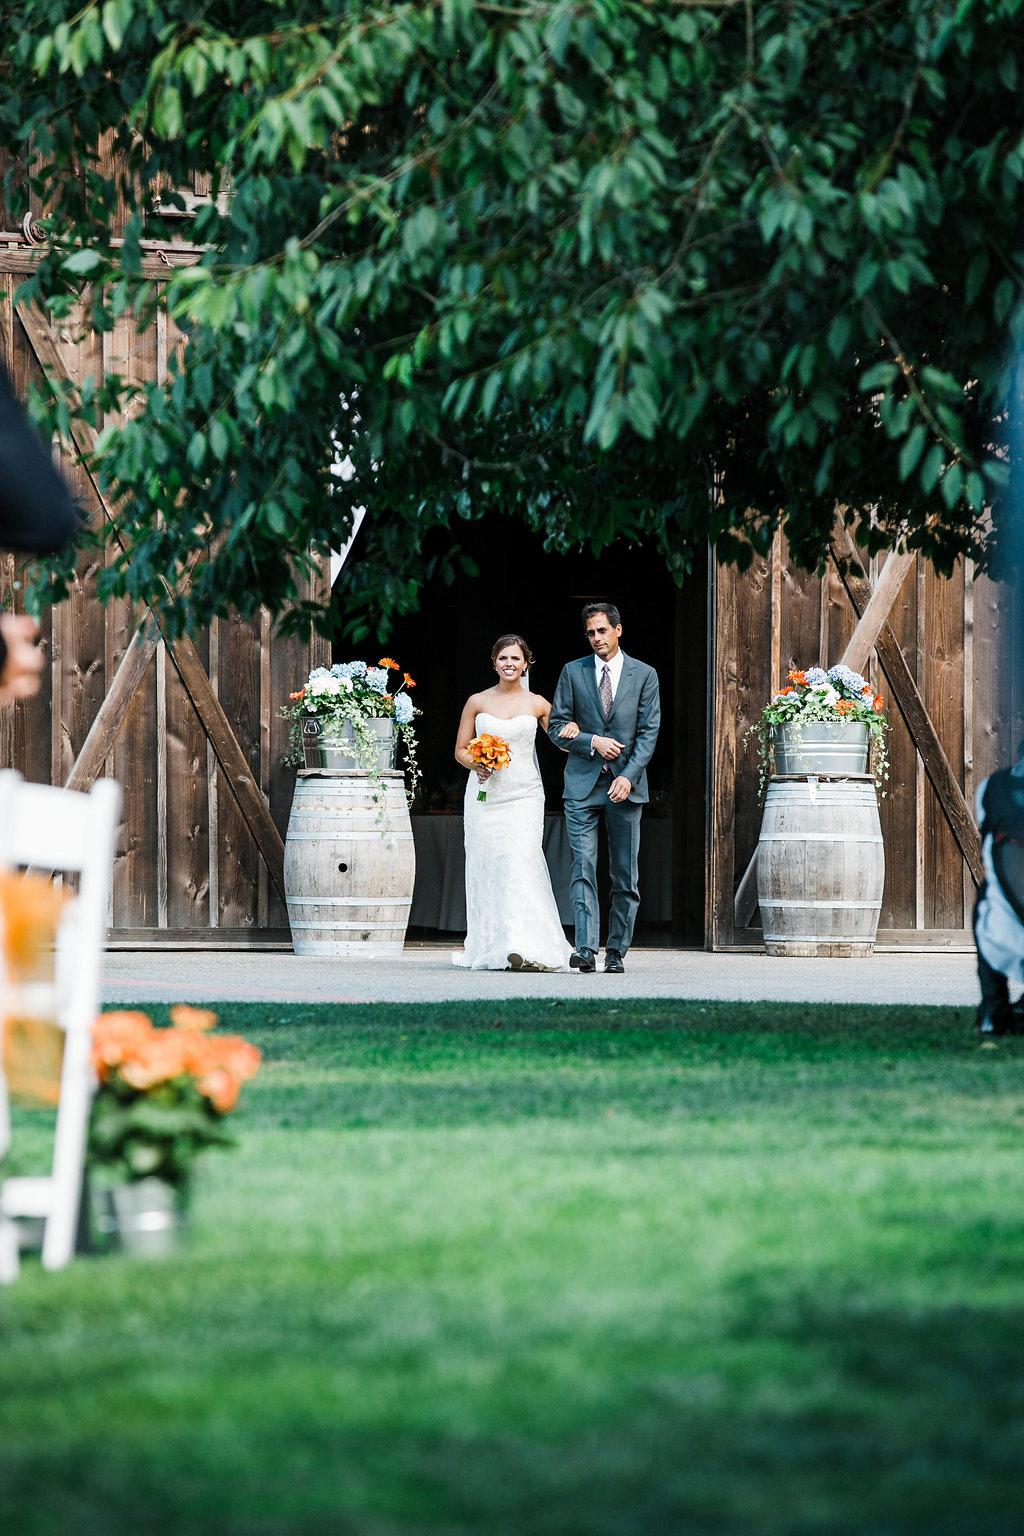 Erin+Tyson_The_Kelley_Farm_Wedding_by_Adina_Preston_Weddings_585.JPG